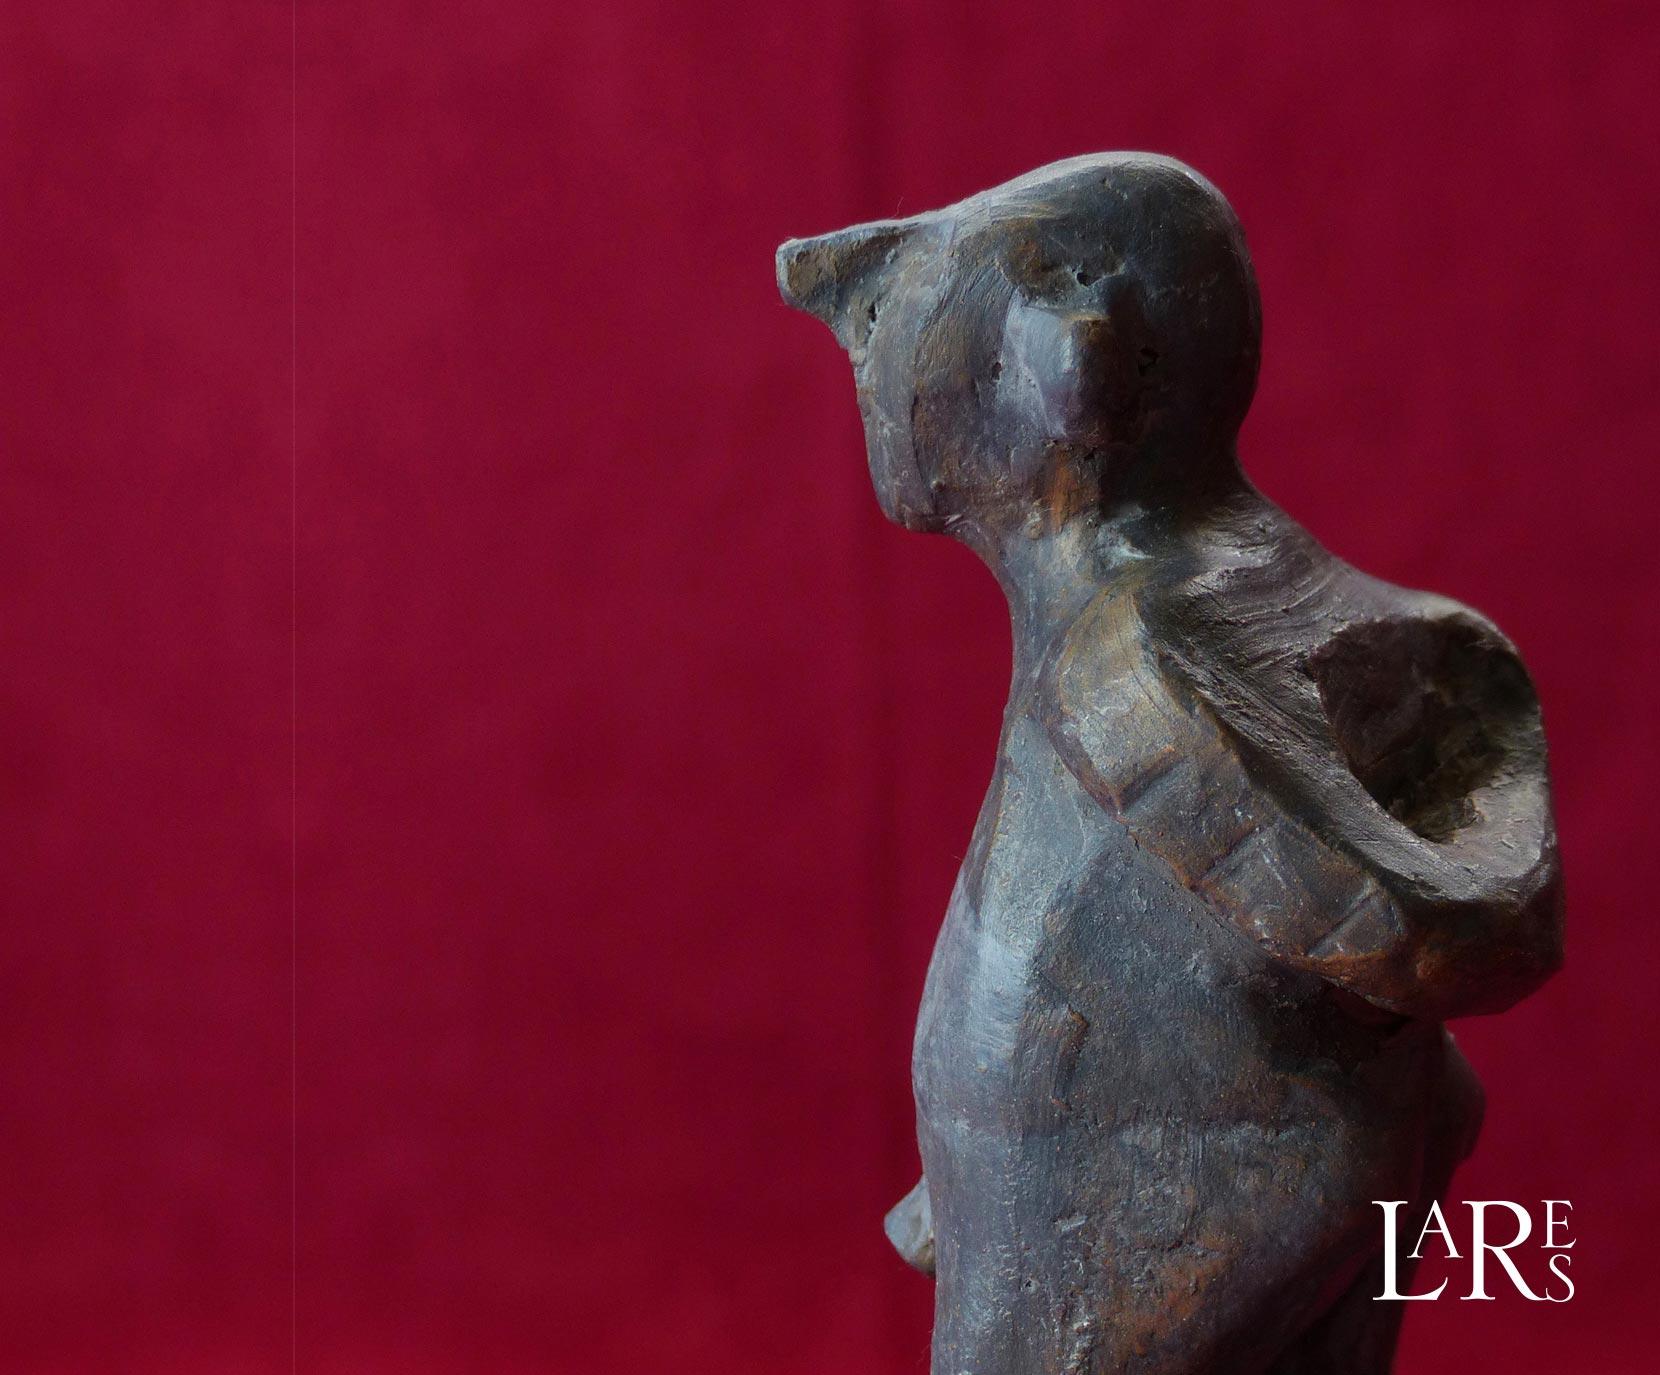 silvio-cocco-art-design-lari-lares-scupture-9